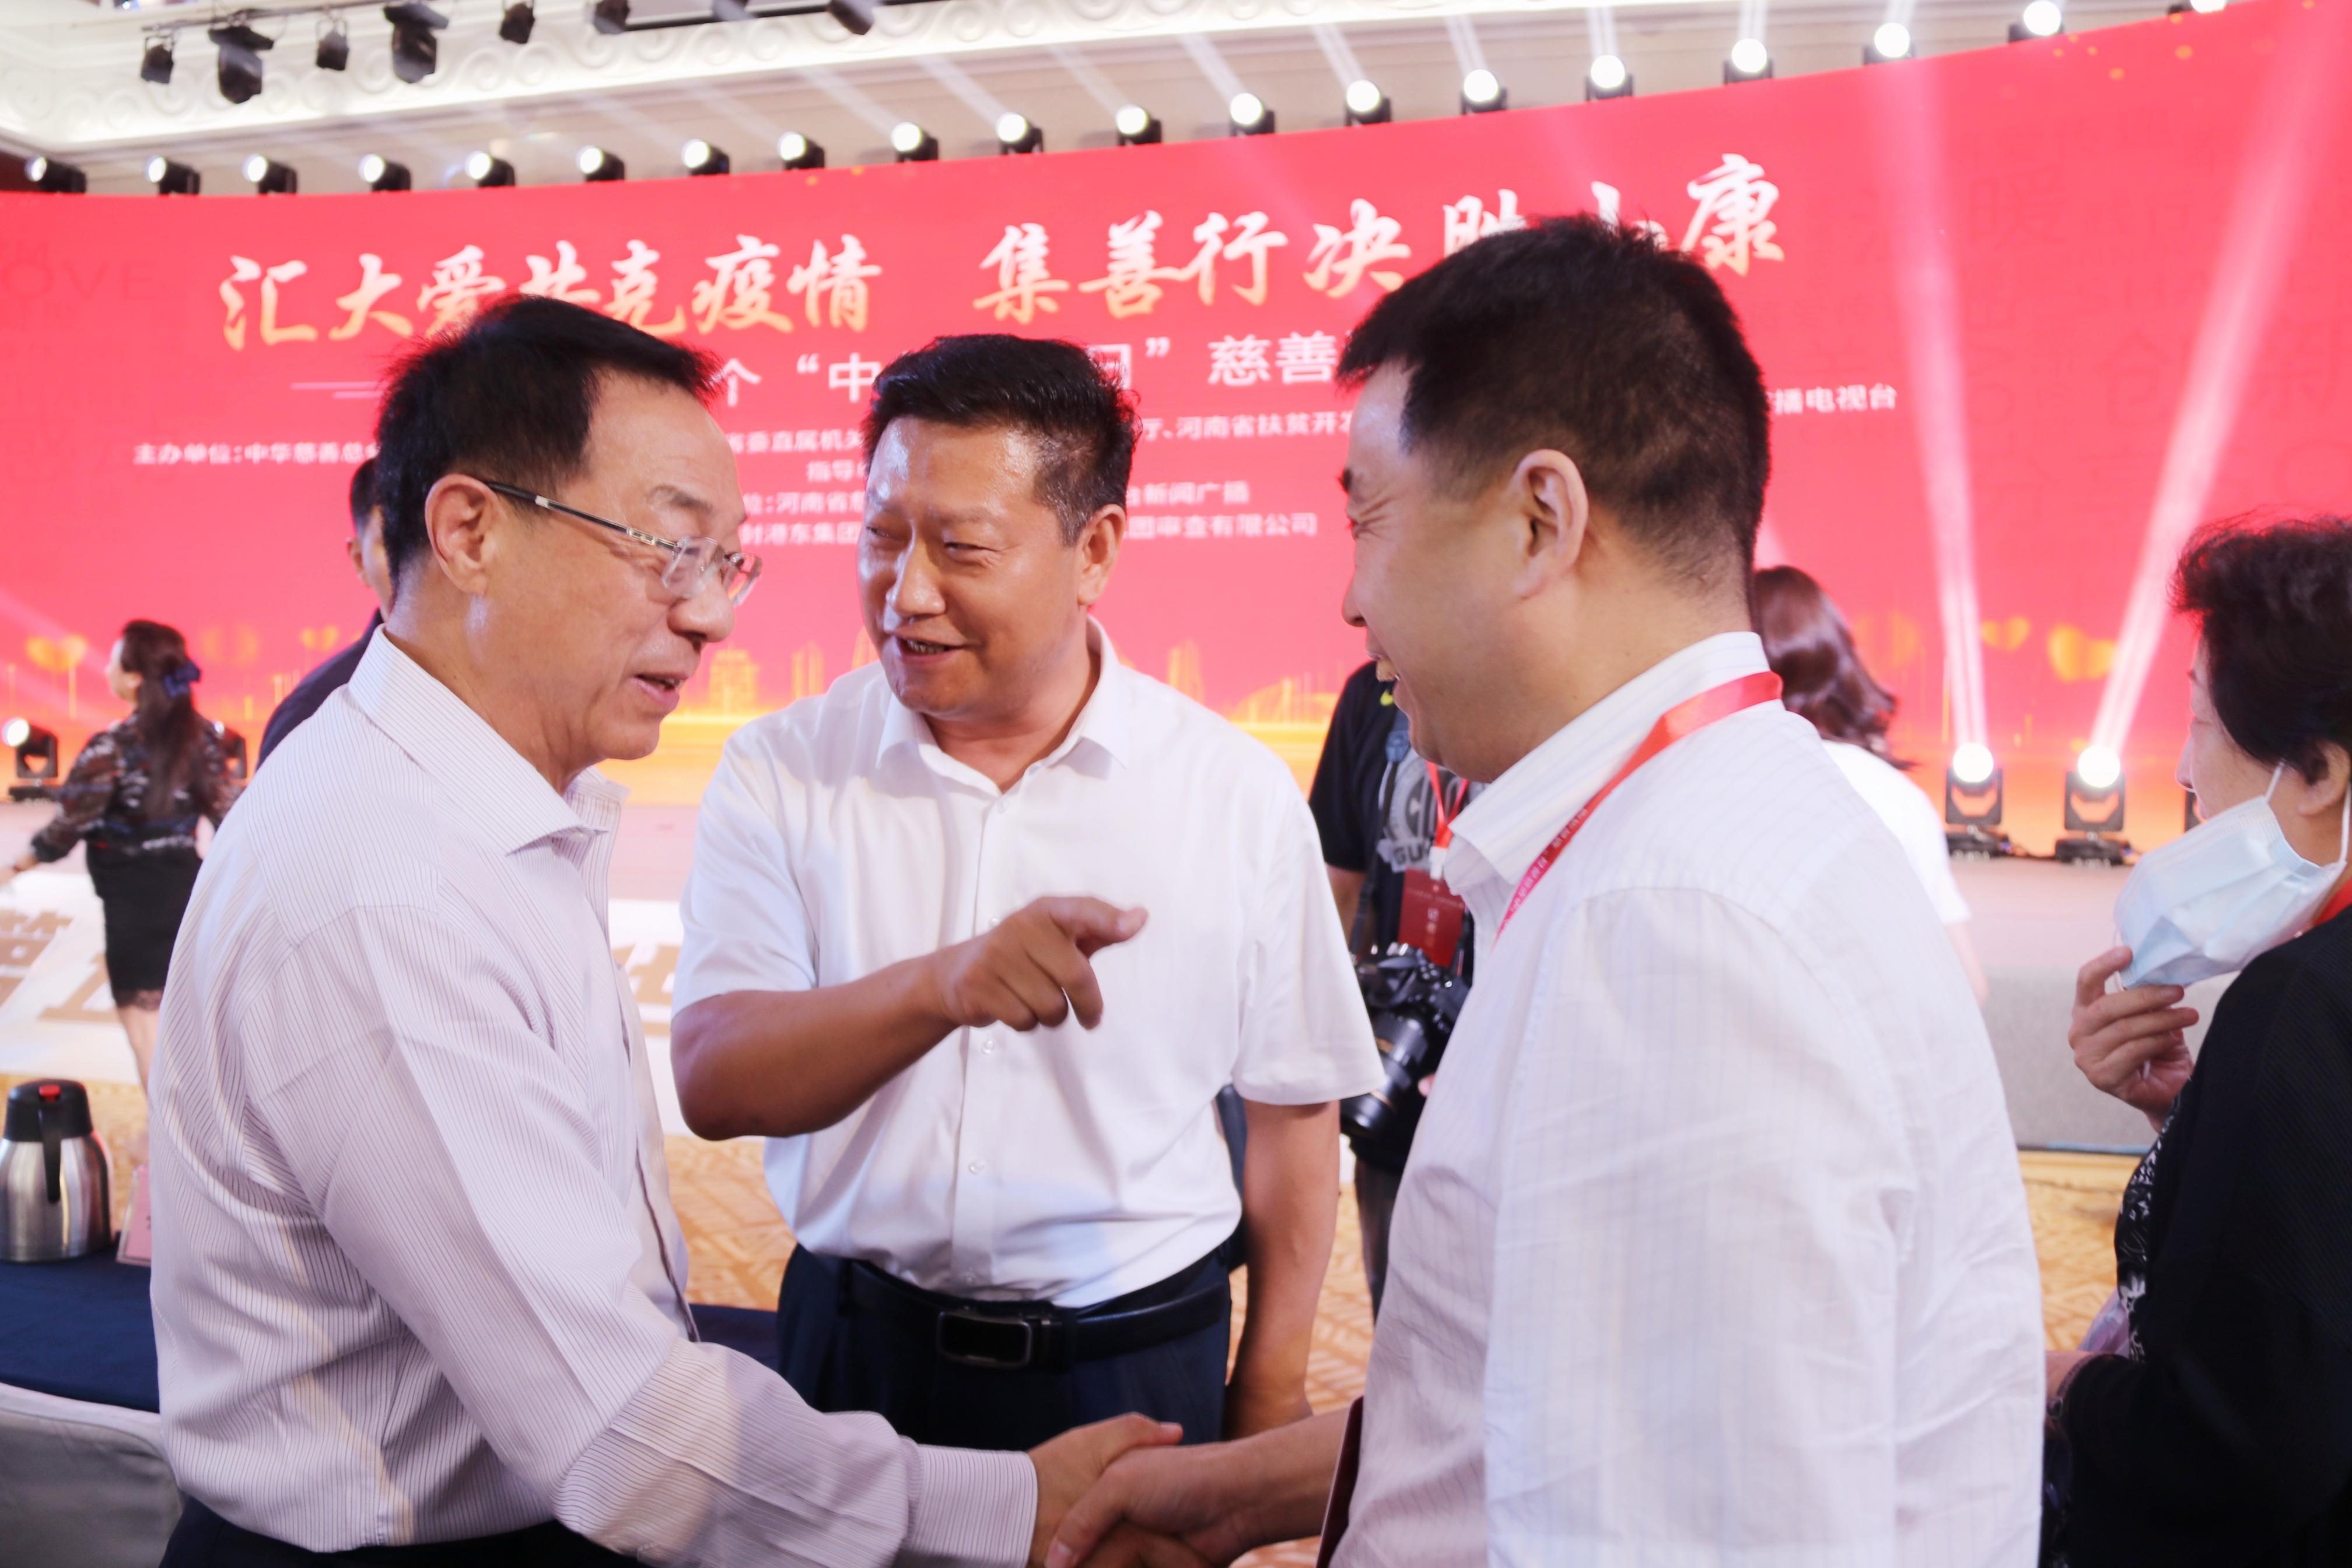 开封港东集团董事长陈俊延向河南省慈善总会捐款1000万元